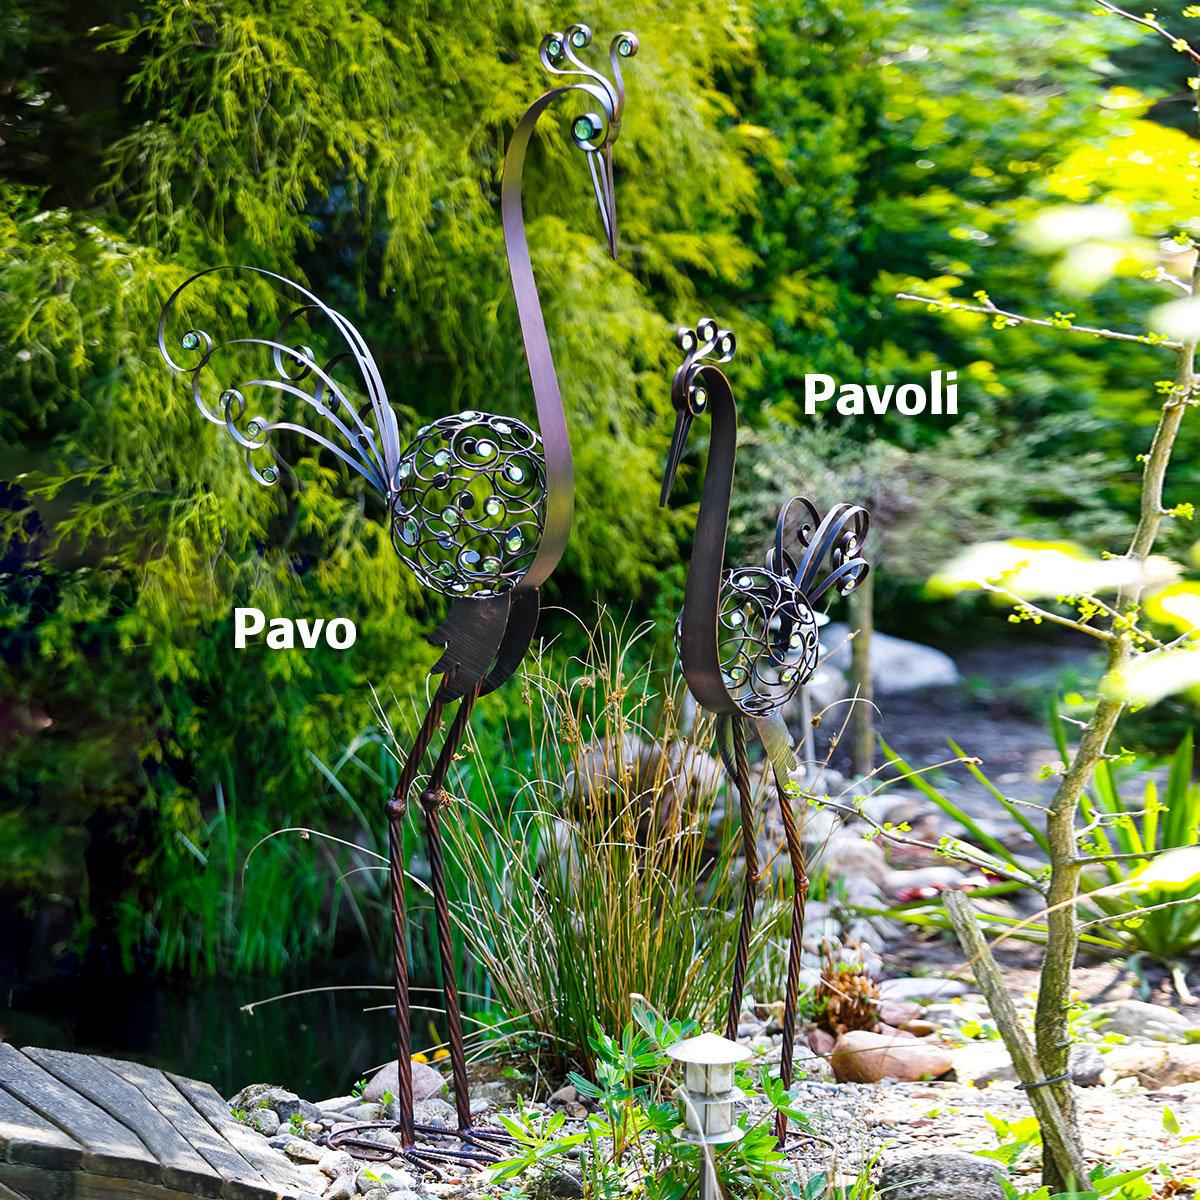 Vogelfigur Pavoli